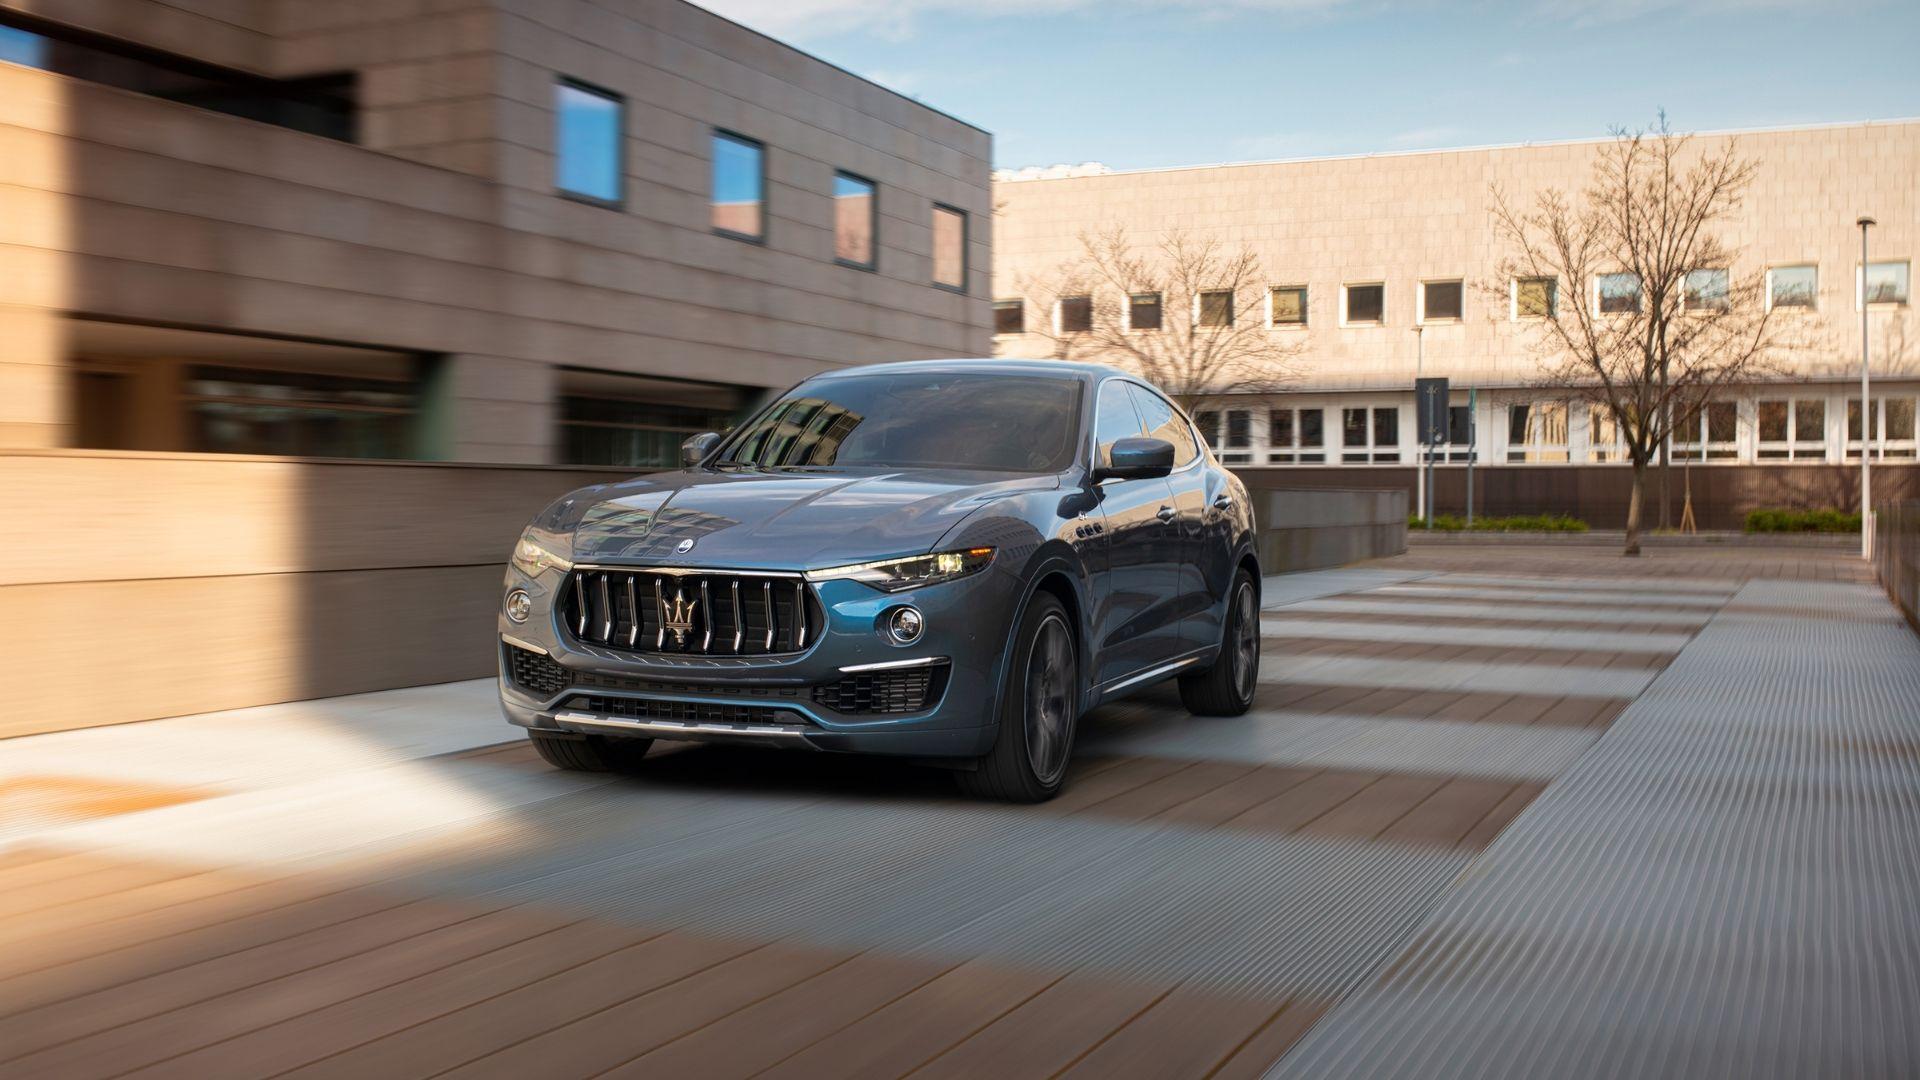 Maserati-Levante-anteriore-moto